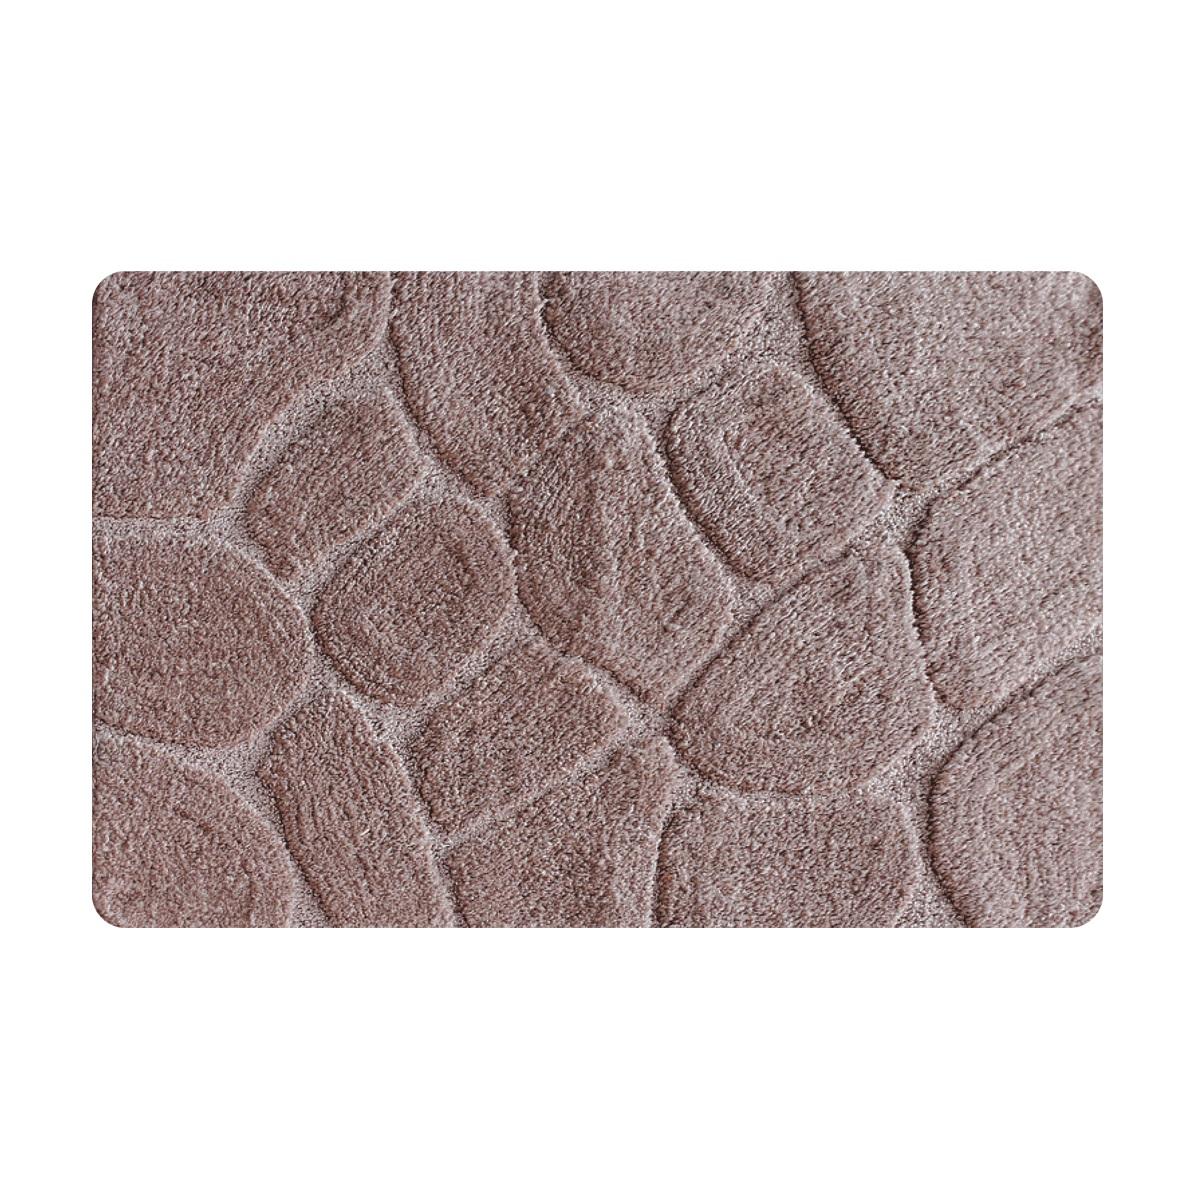 Коврик для ванной Iddis Grey stones, цвет: бежевый, 50 х 80 см коврик для ванной iddis curved lines 50x80 см 402a580i12